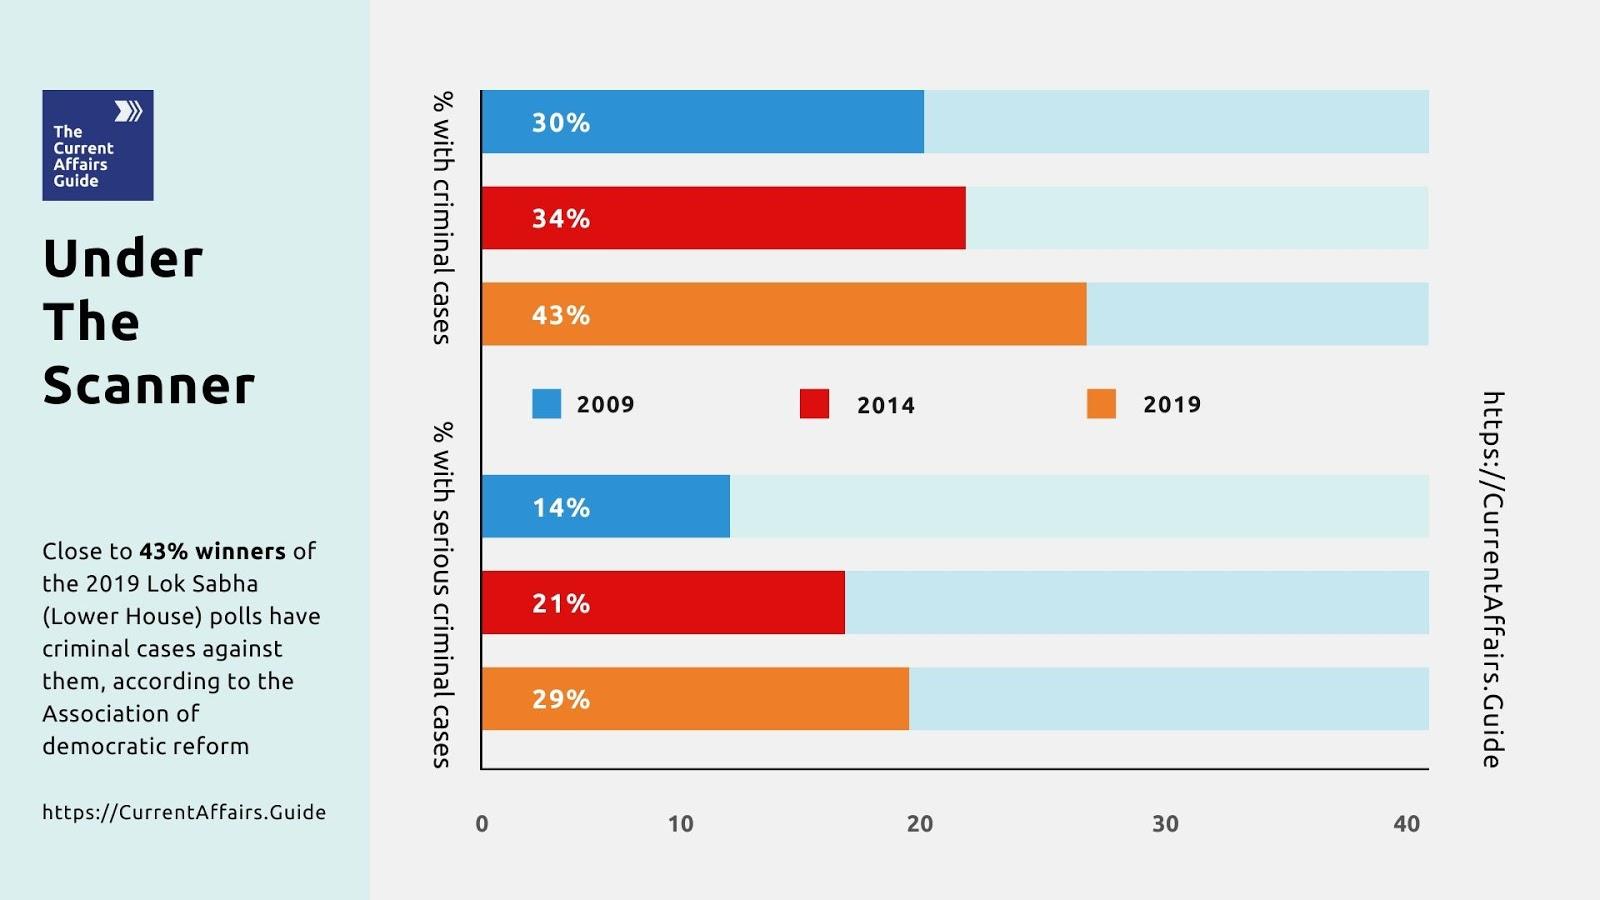 Statistics of Crime and Politics in India